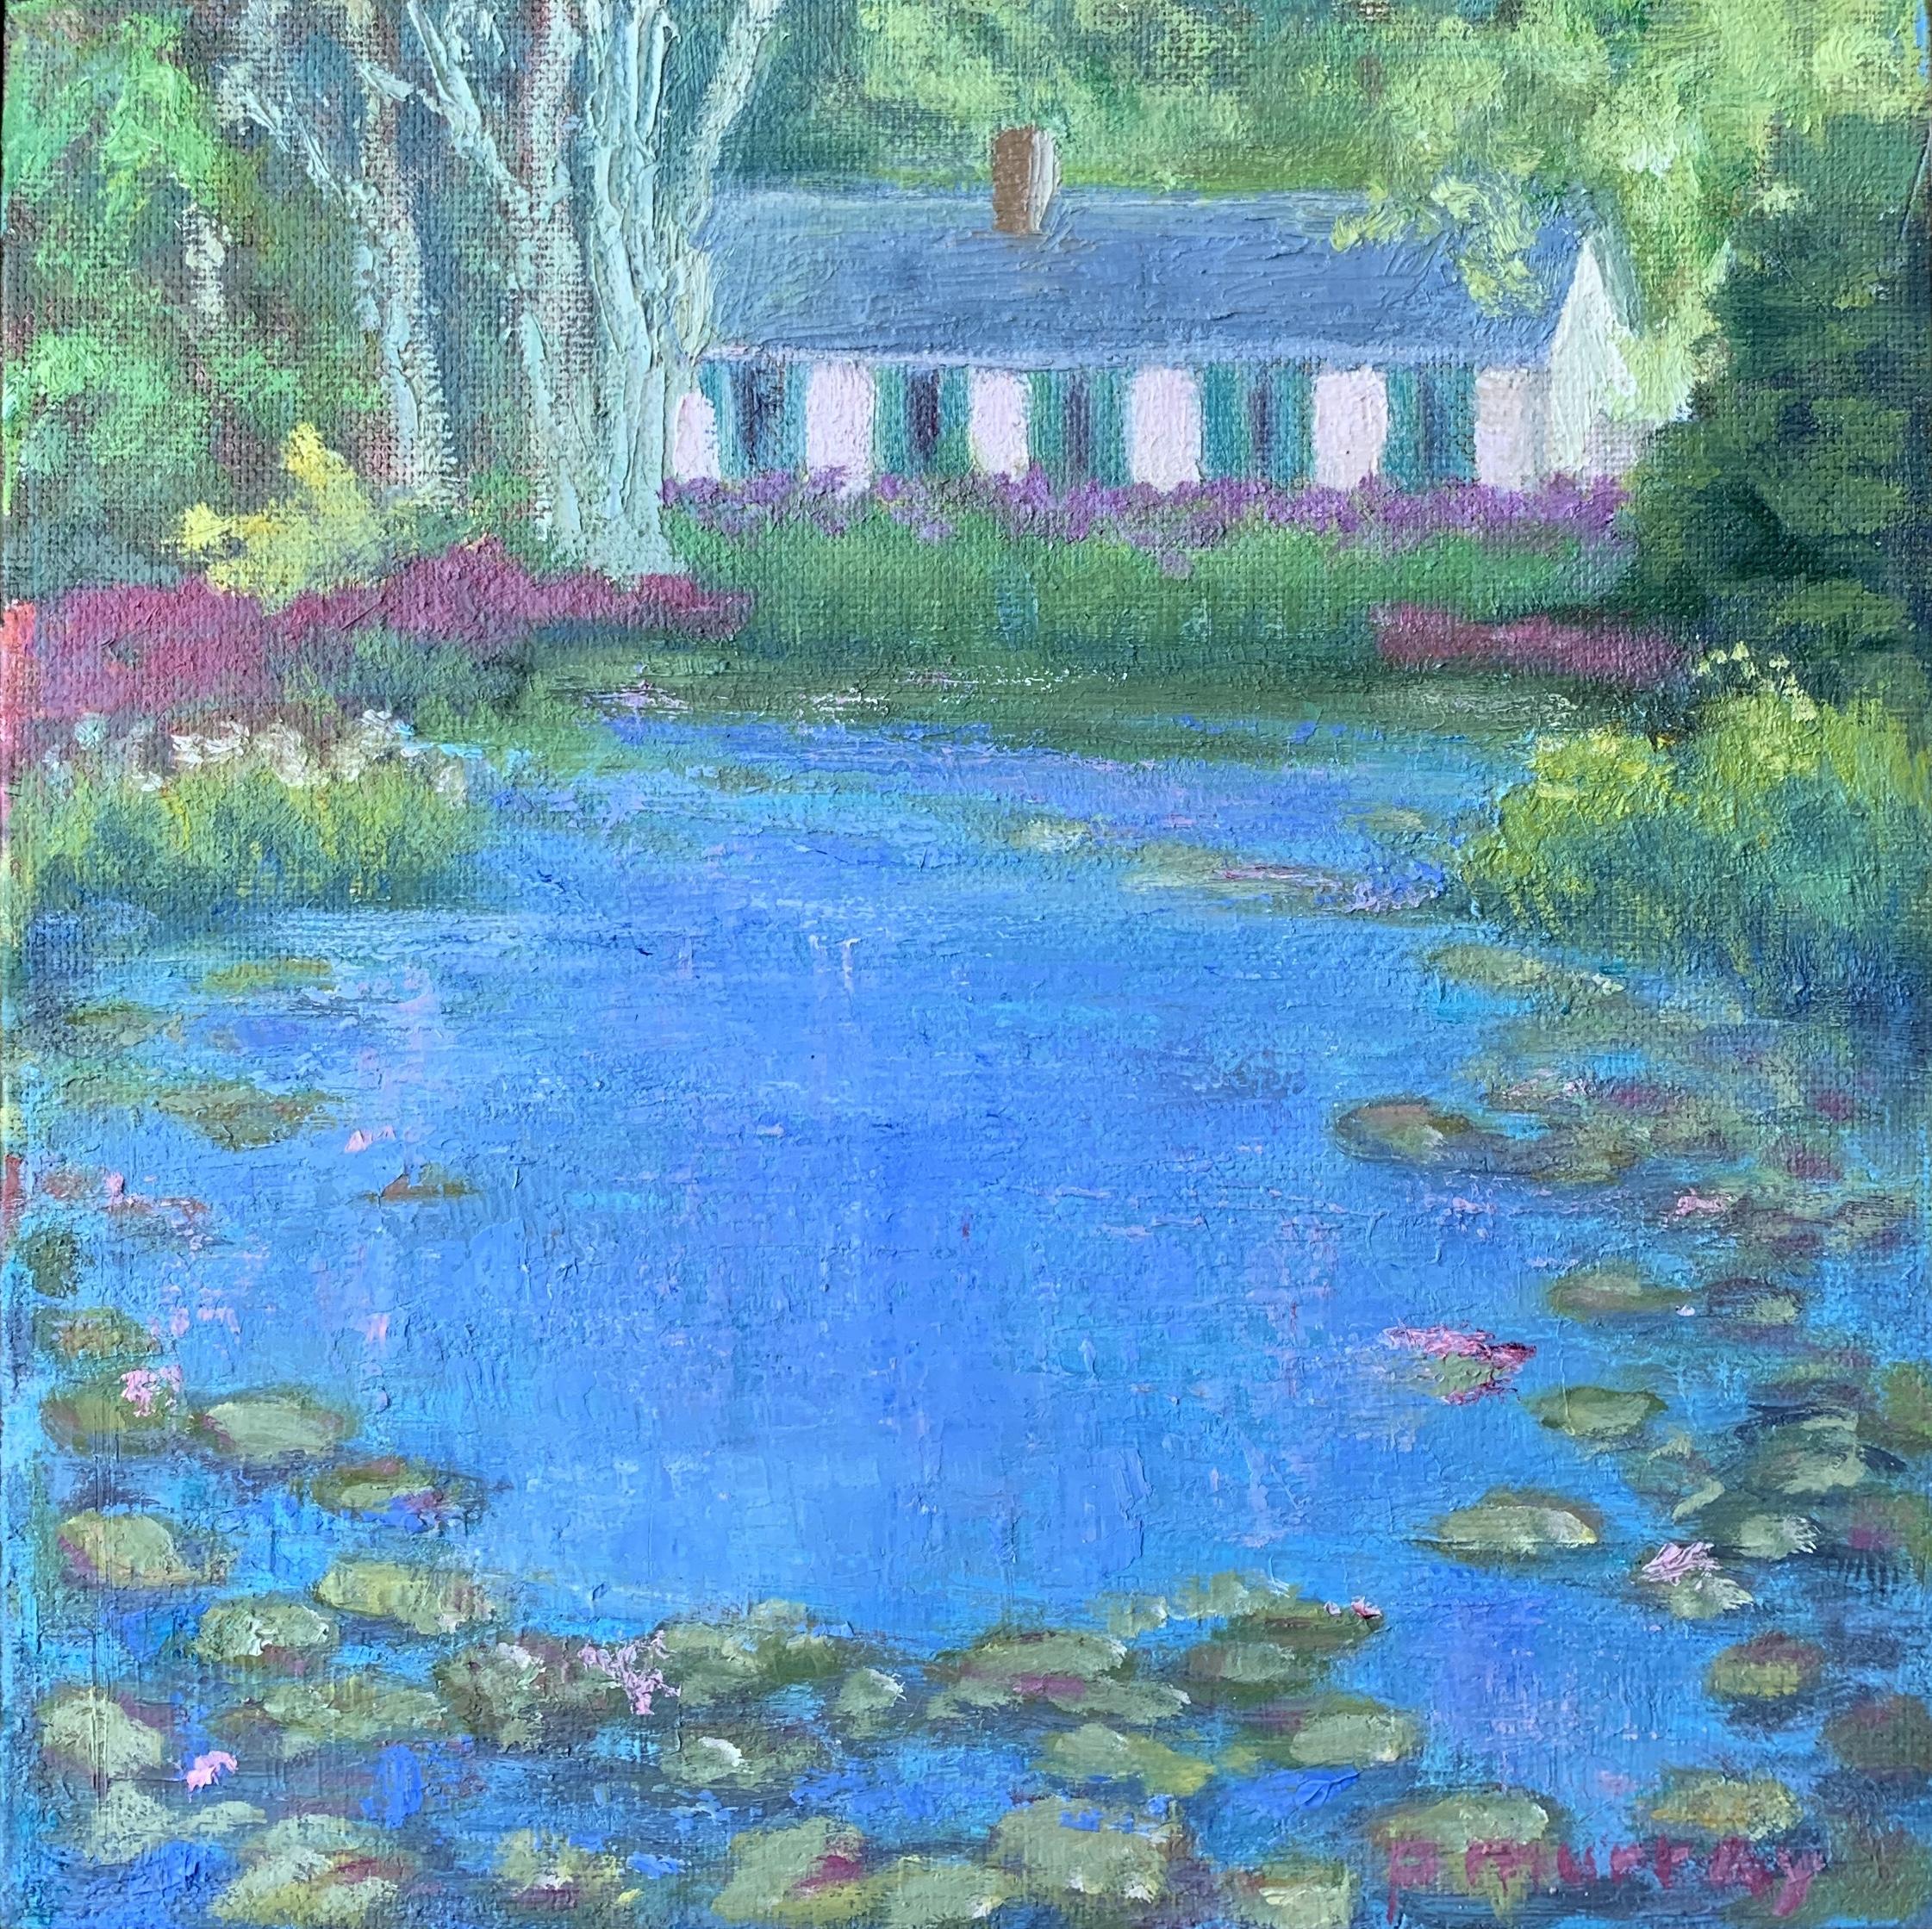 Monet's Home, Springtime